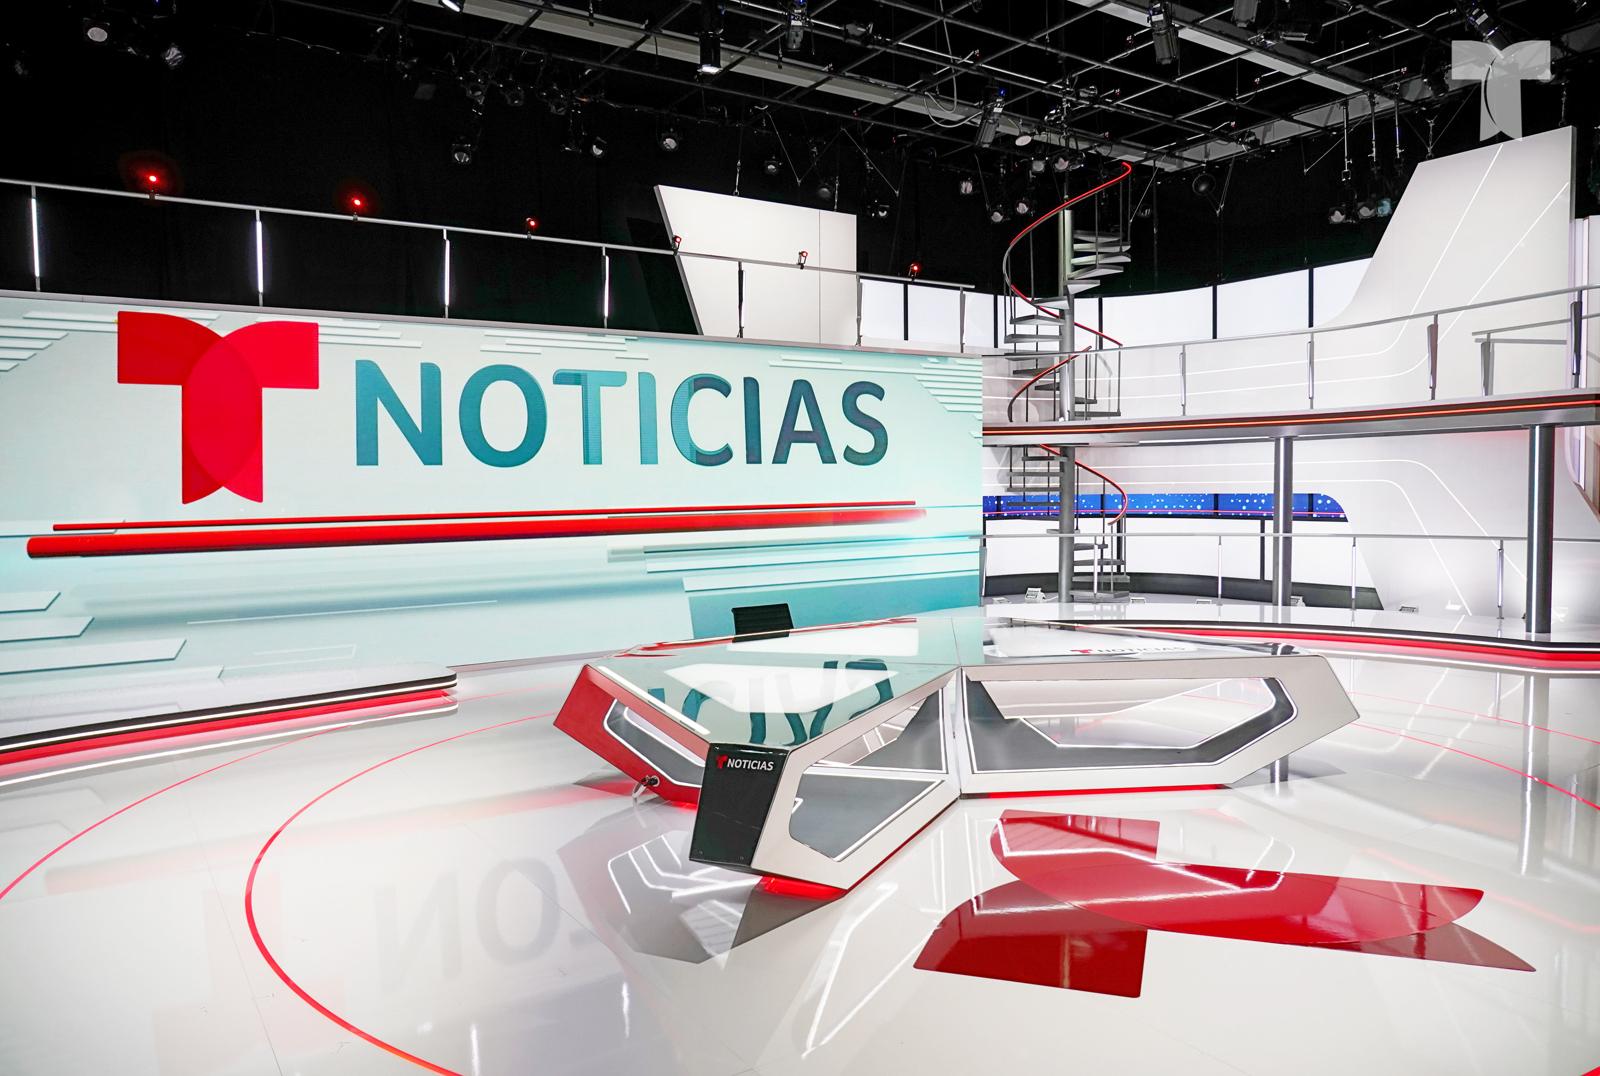 ncs_noticias-telemundo-estudio-miami_0009